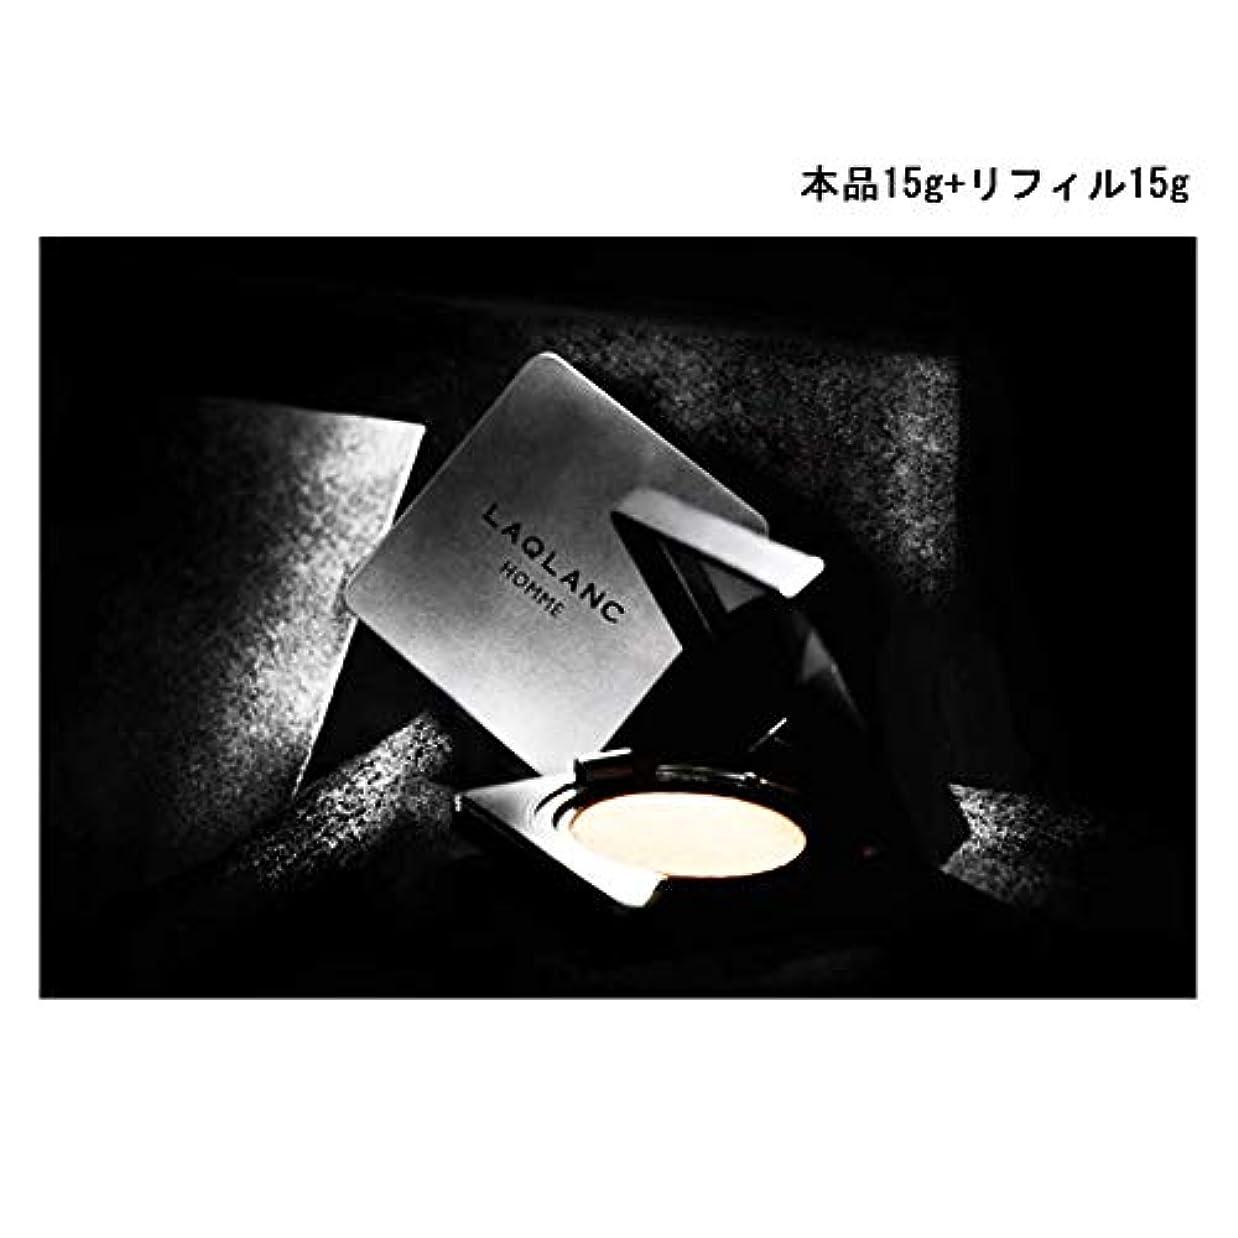 優雅な遠洋のレンディション(Laqlanc)大人気 10秒完成 ナチュラル 肌色アップ 紫外線遮断 ホワイトニング 男性 エアクッション 15g +リフィル 15g [海外配送品] [並行輸入品]